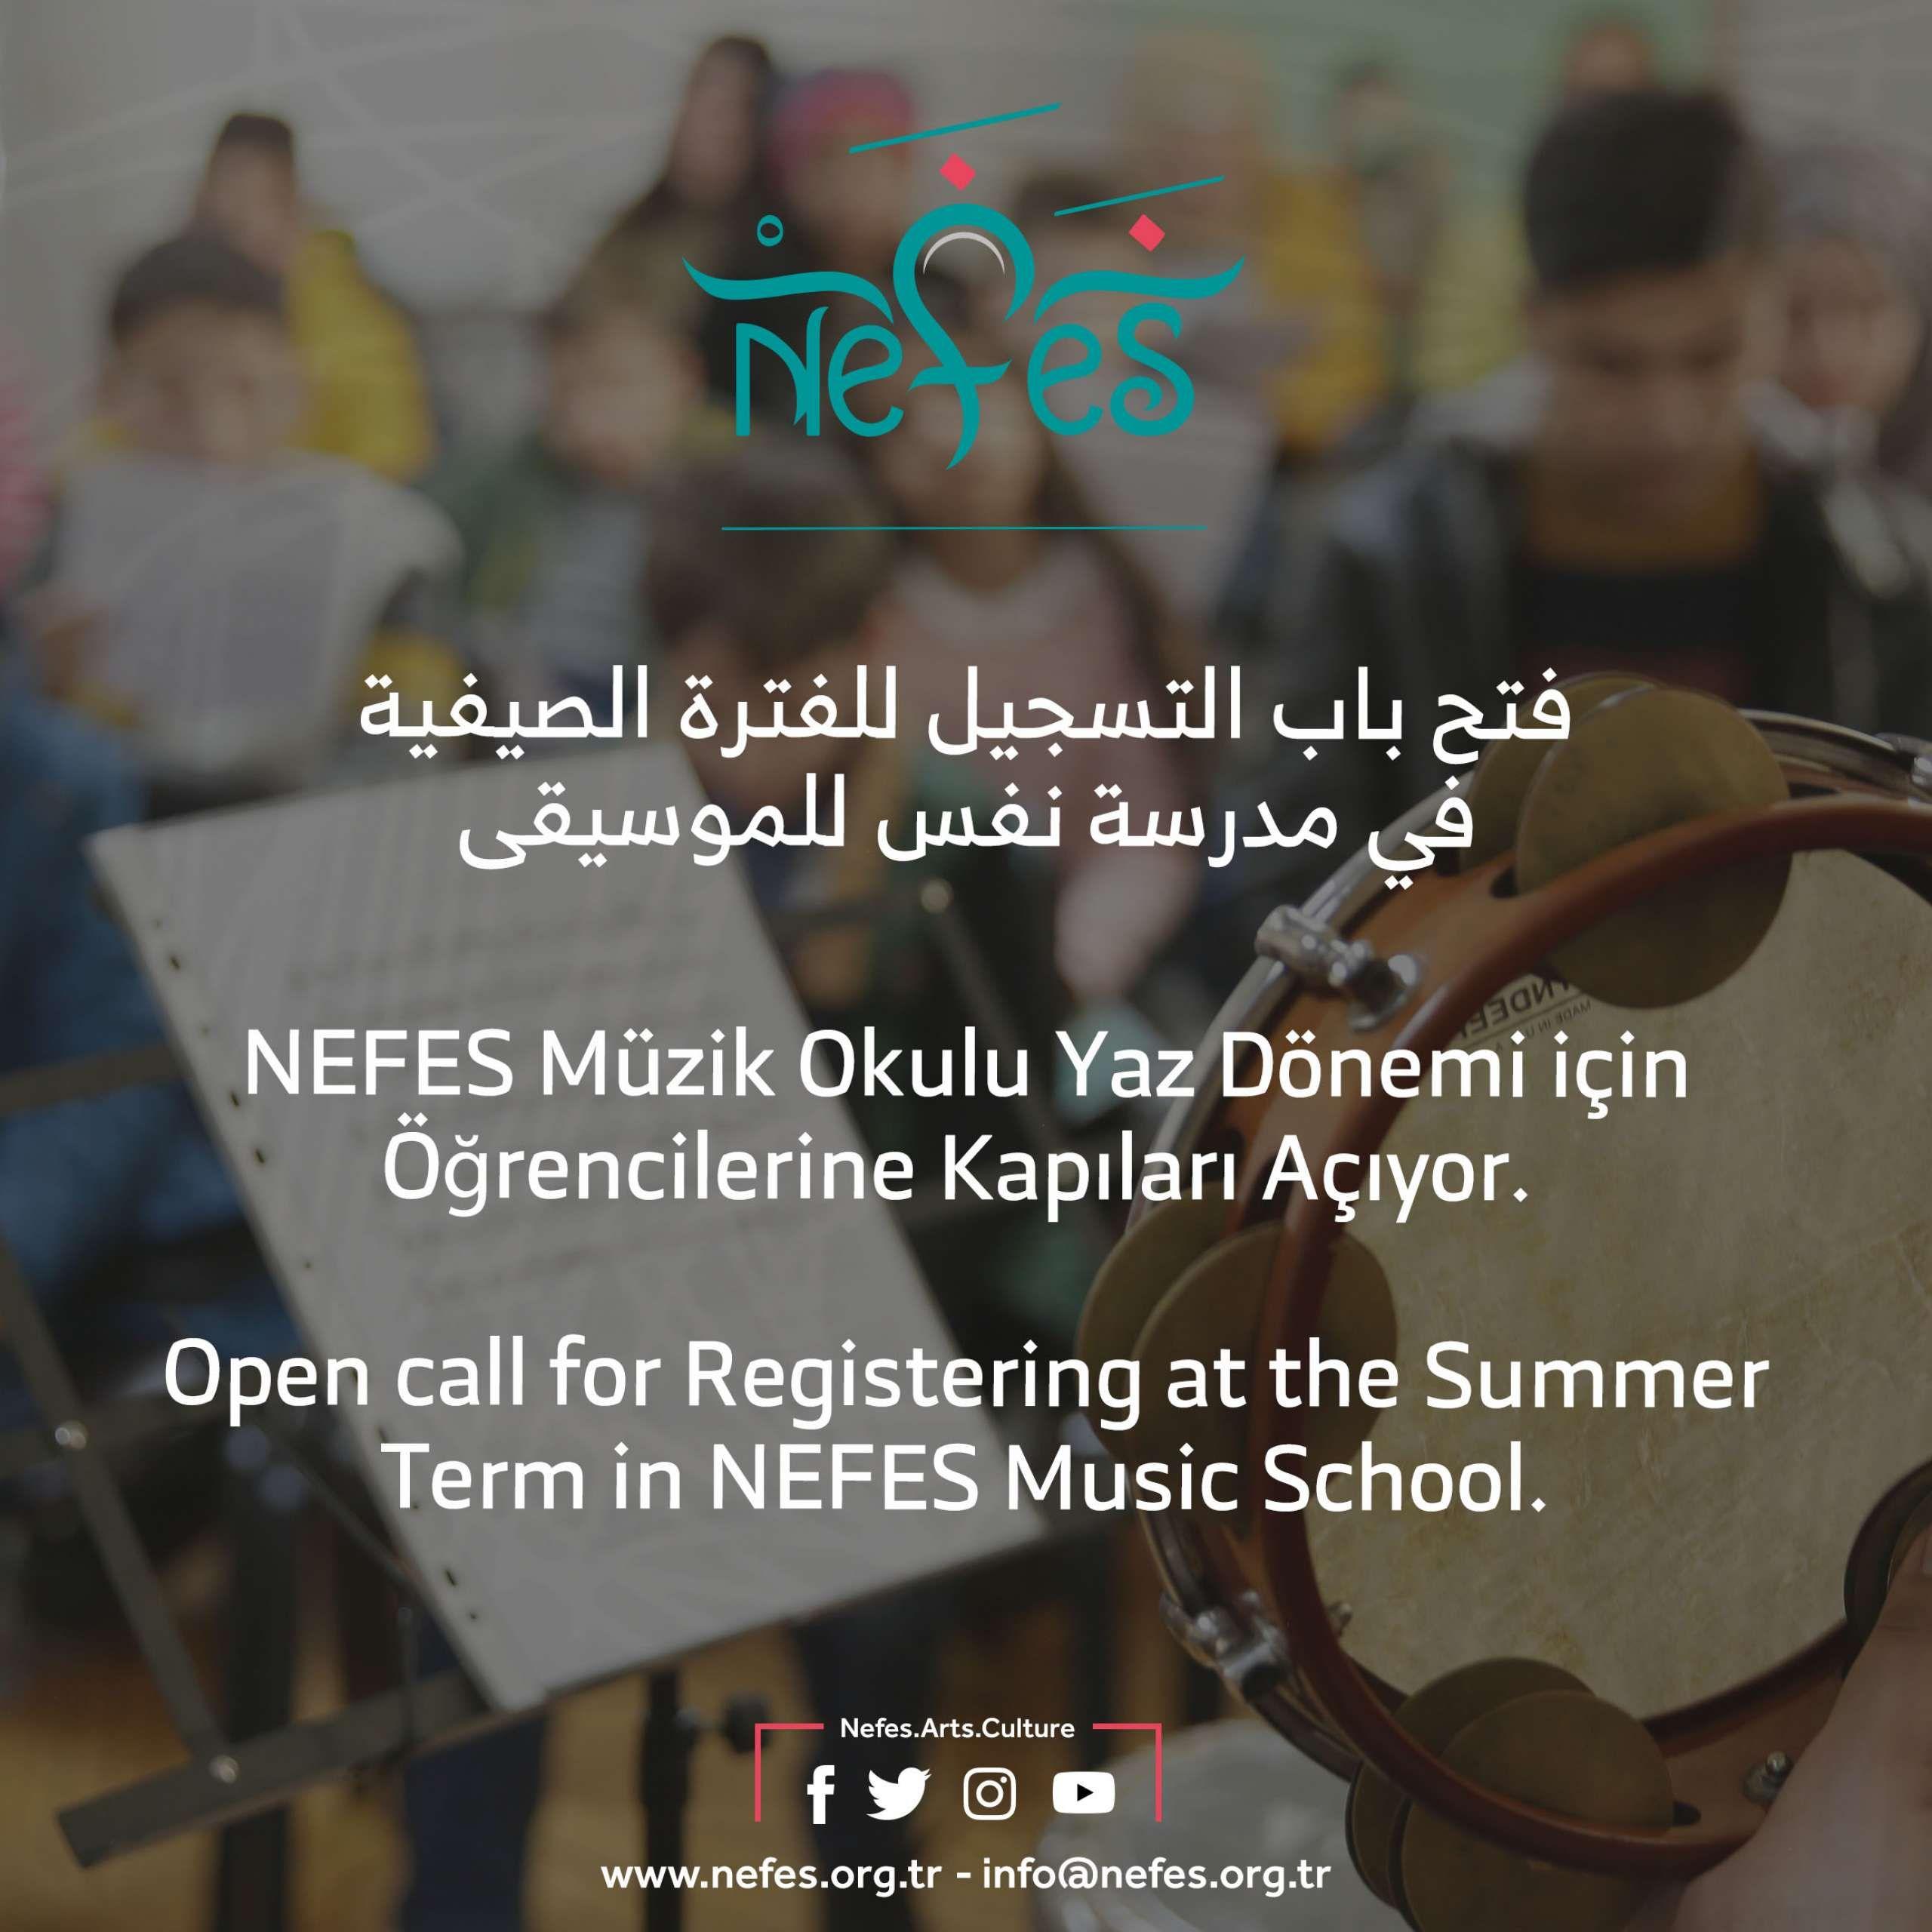 NEFES Müzik Okulu Yaz Dönemi için Öğrencilerine Kapıları Açıyor